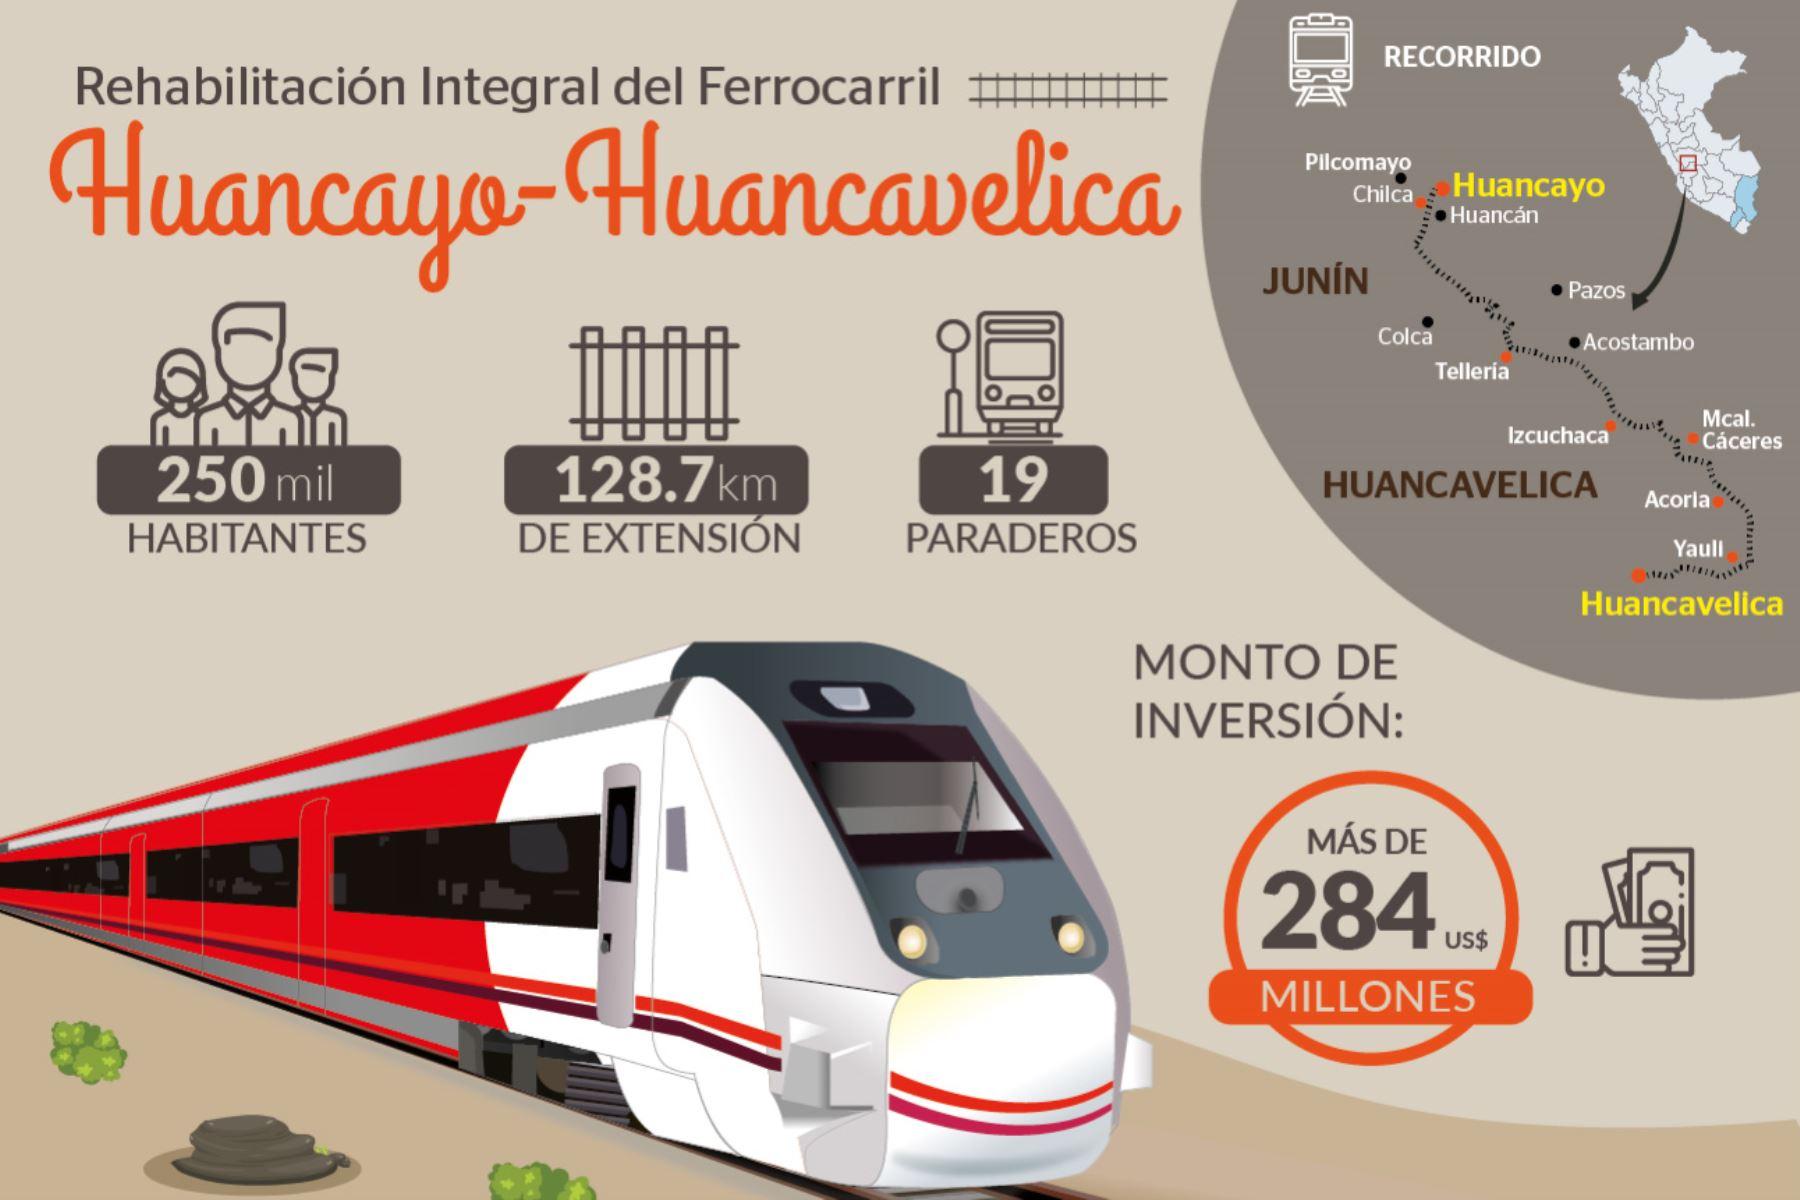 Ferrocarril Huancayo-Huancavelica dinamizará el potencial turístico y comercial y beneficiará a más de 250,000 personas.